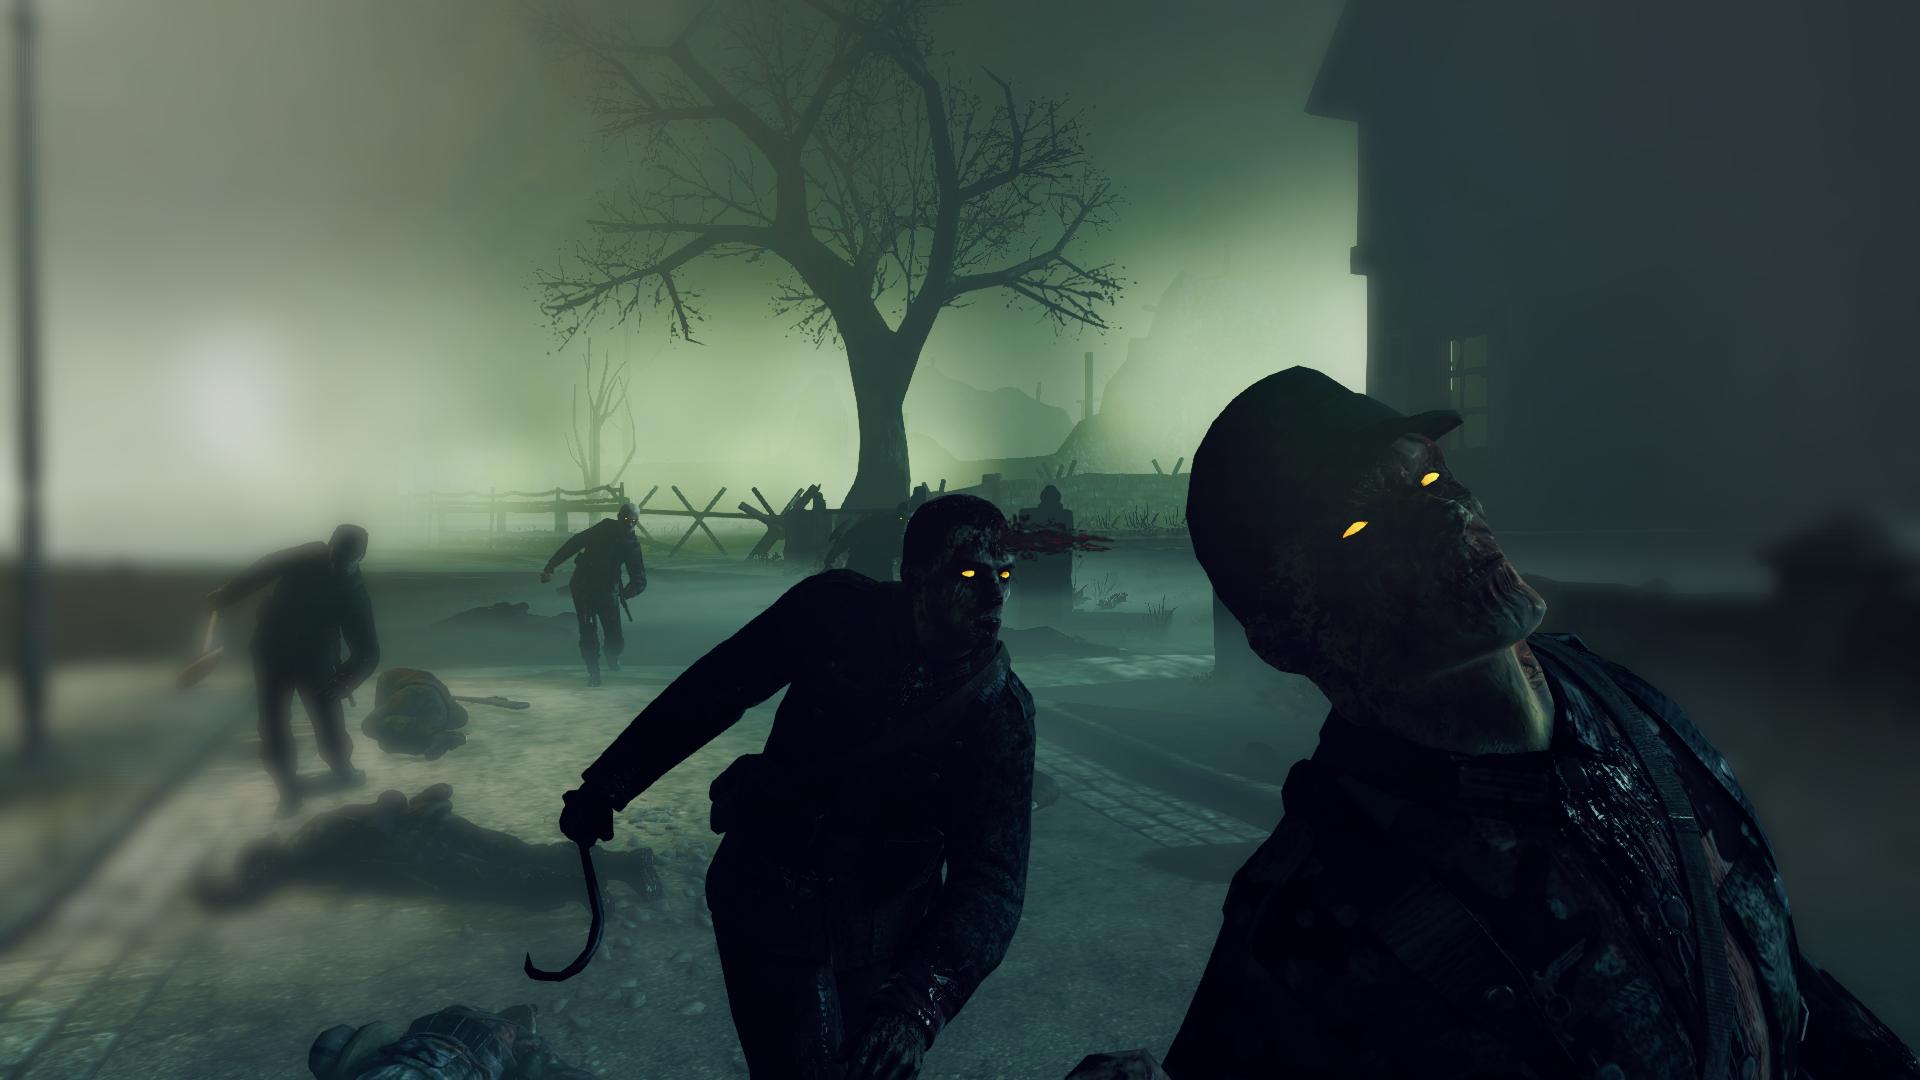 Гайд по выживанию в условиях зомби-апокалипсиса или как я переиграл в игры про зомби - Изображение 7